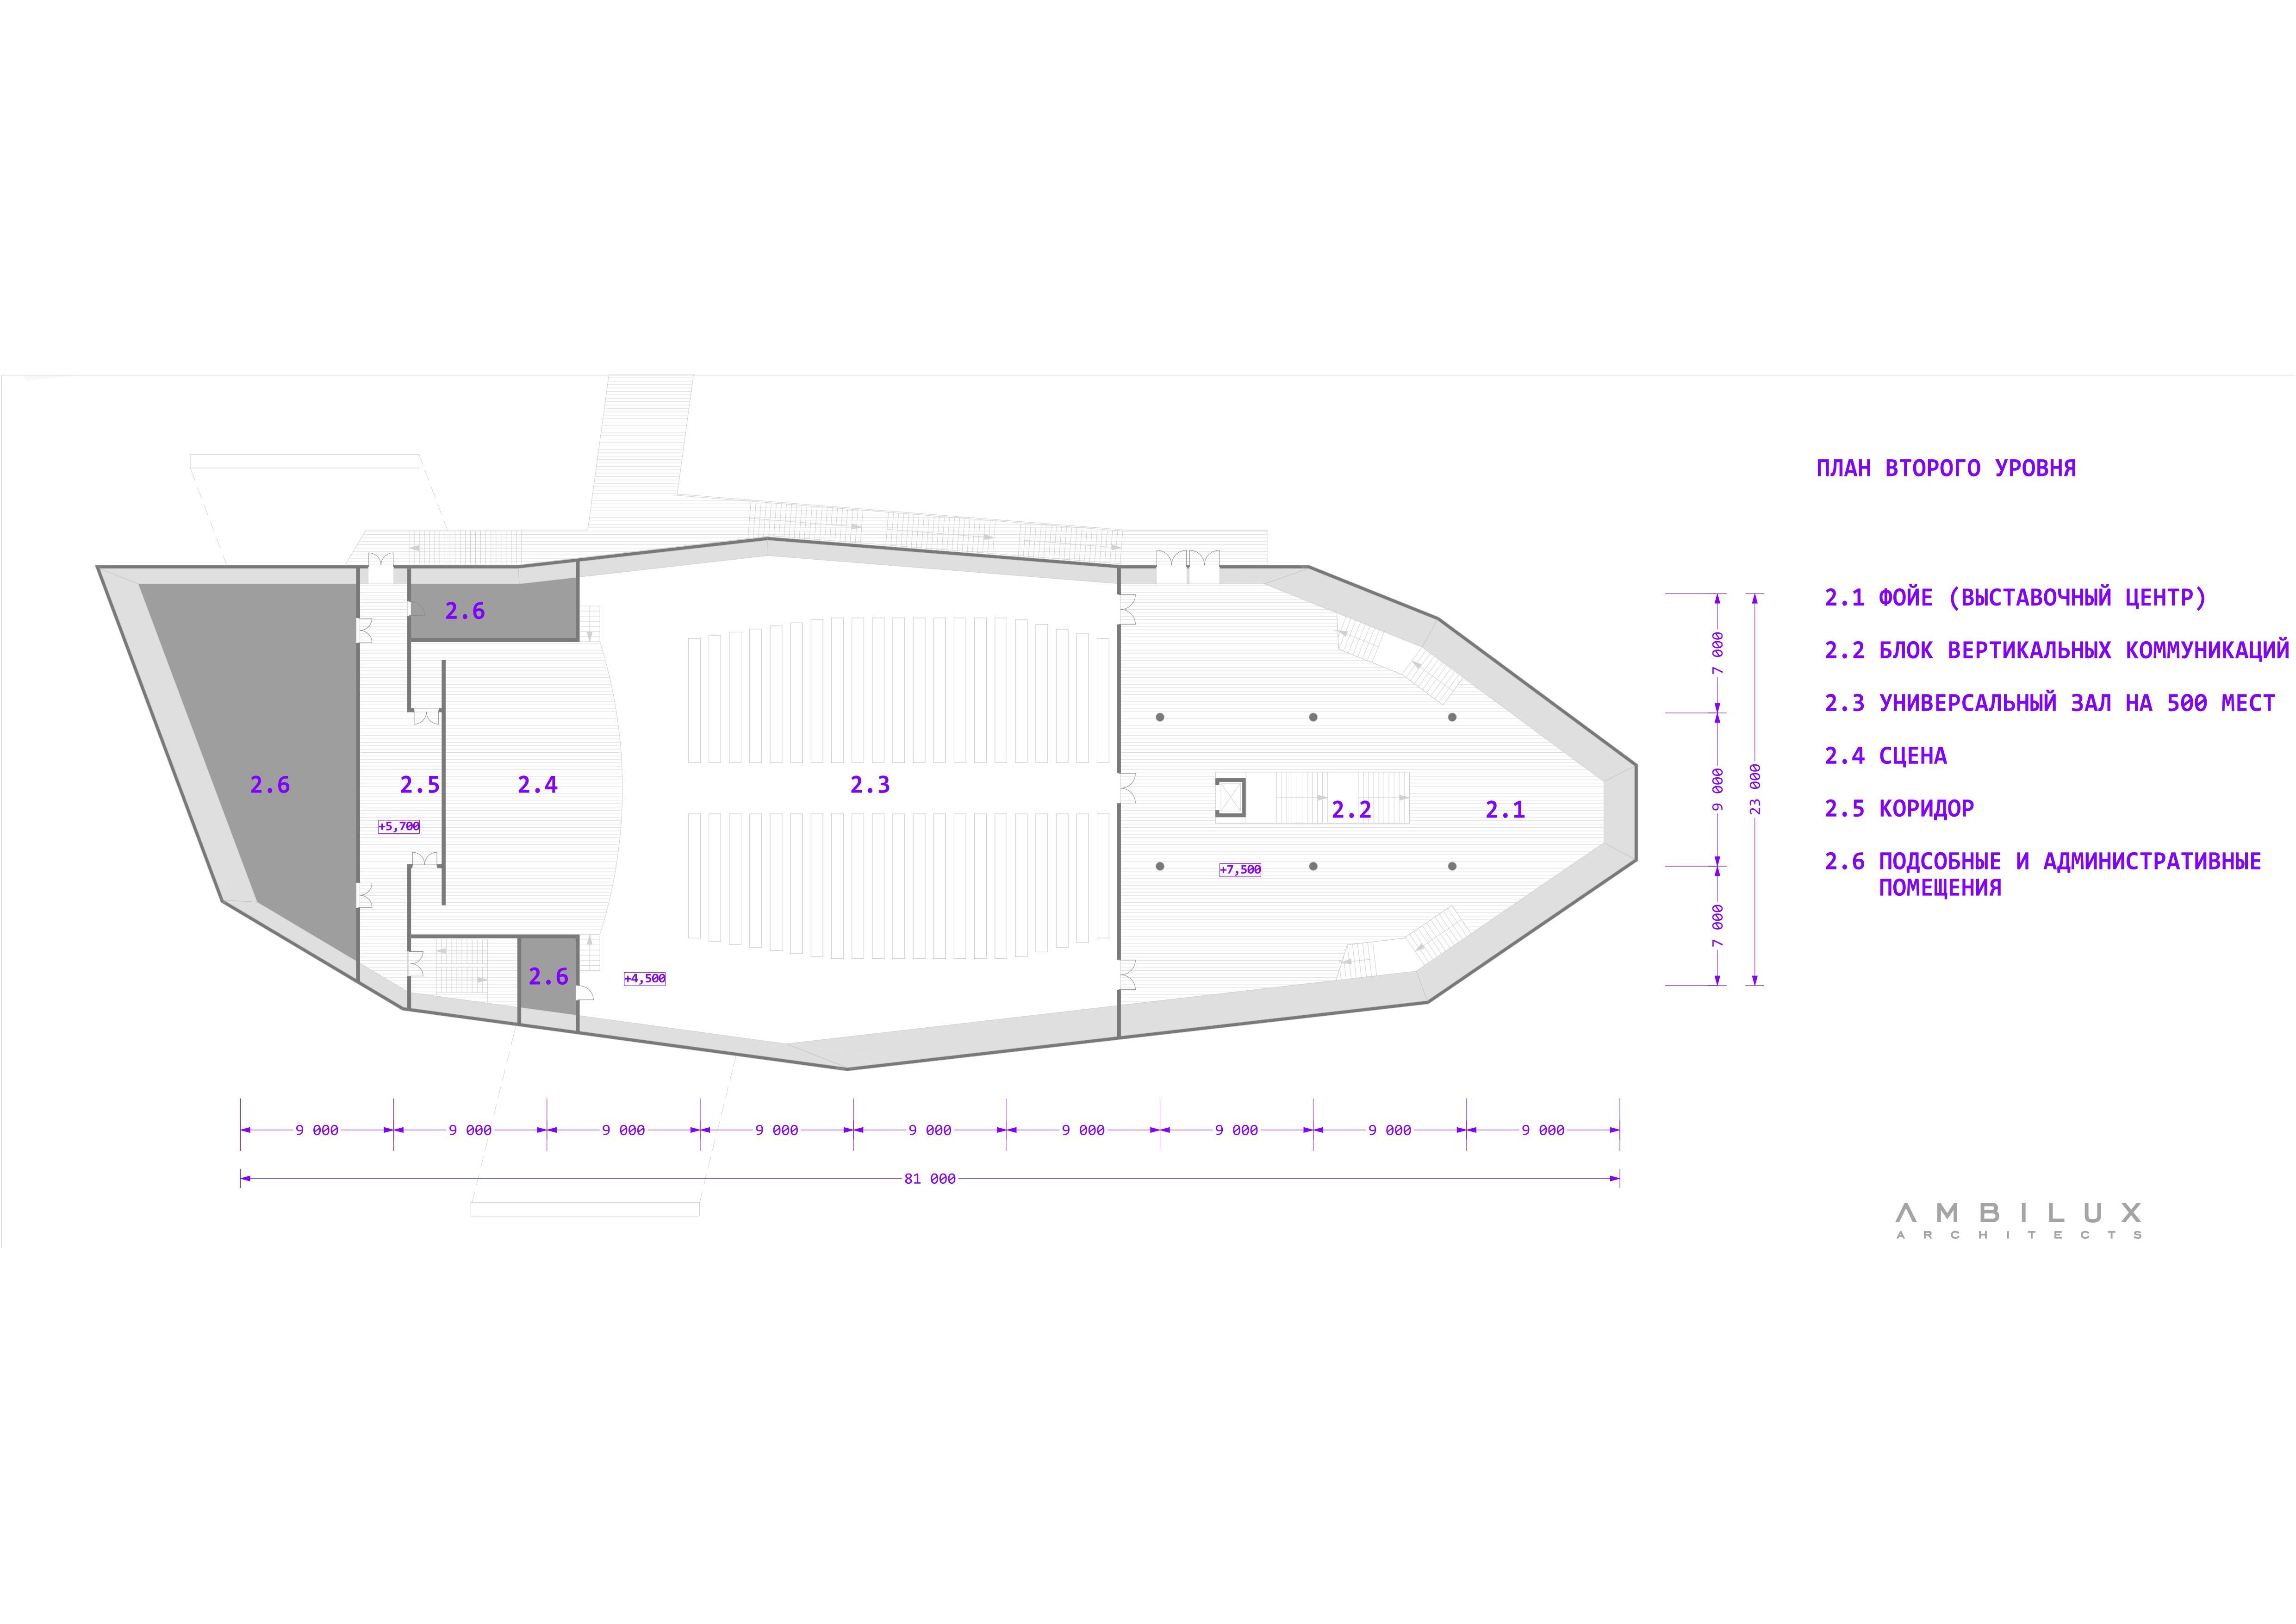 2тв floor plan